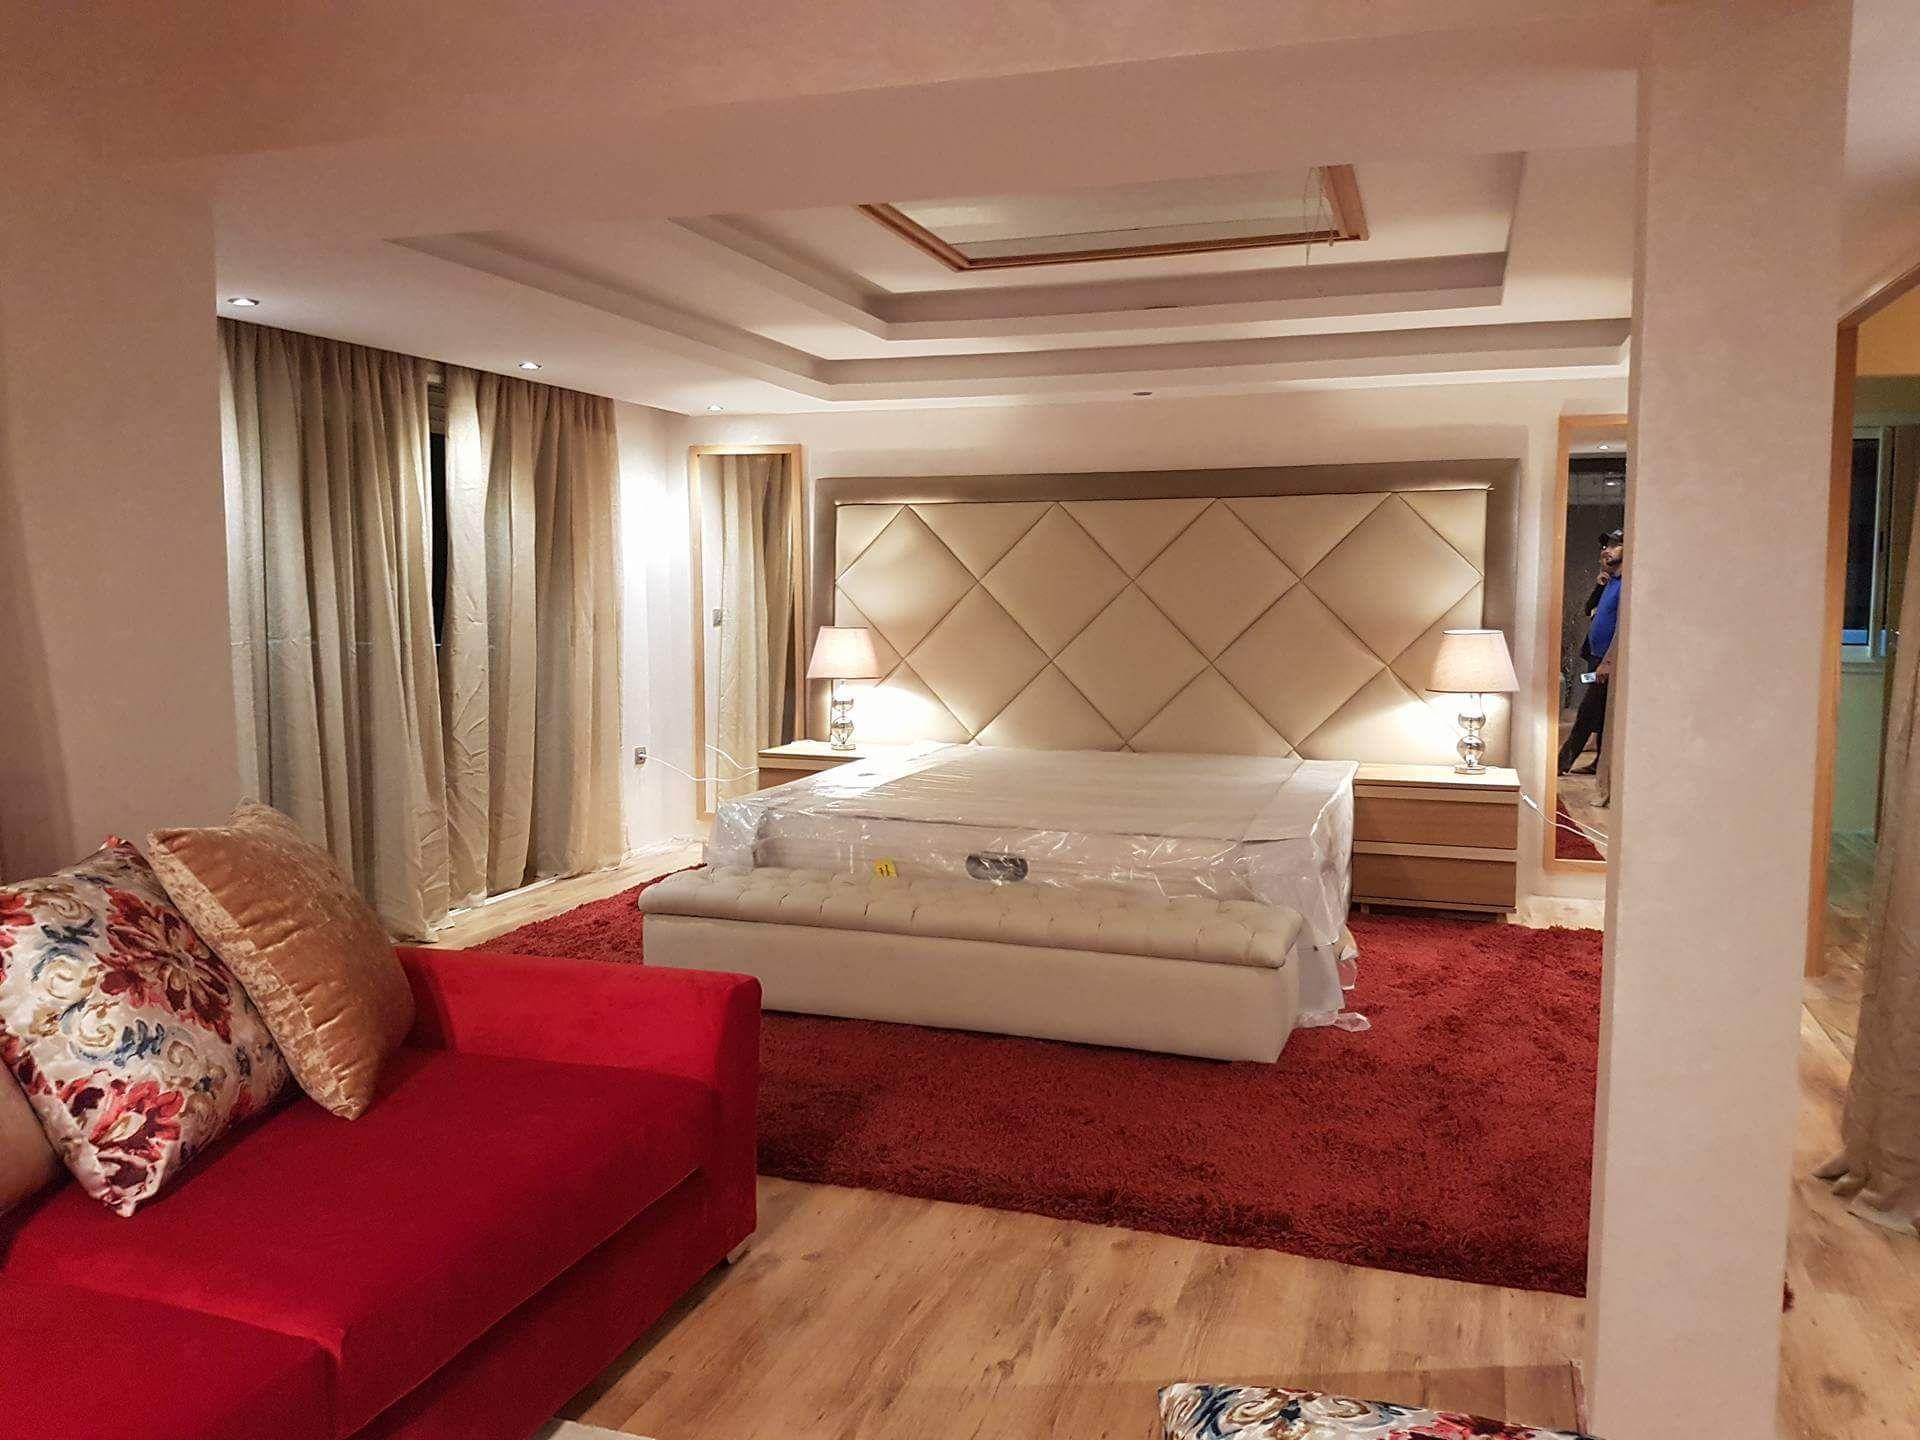 Chambre coucher table chevet t te de lit for Interieur de chambre a coucher